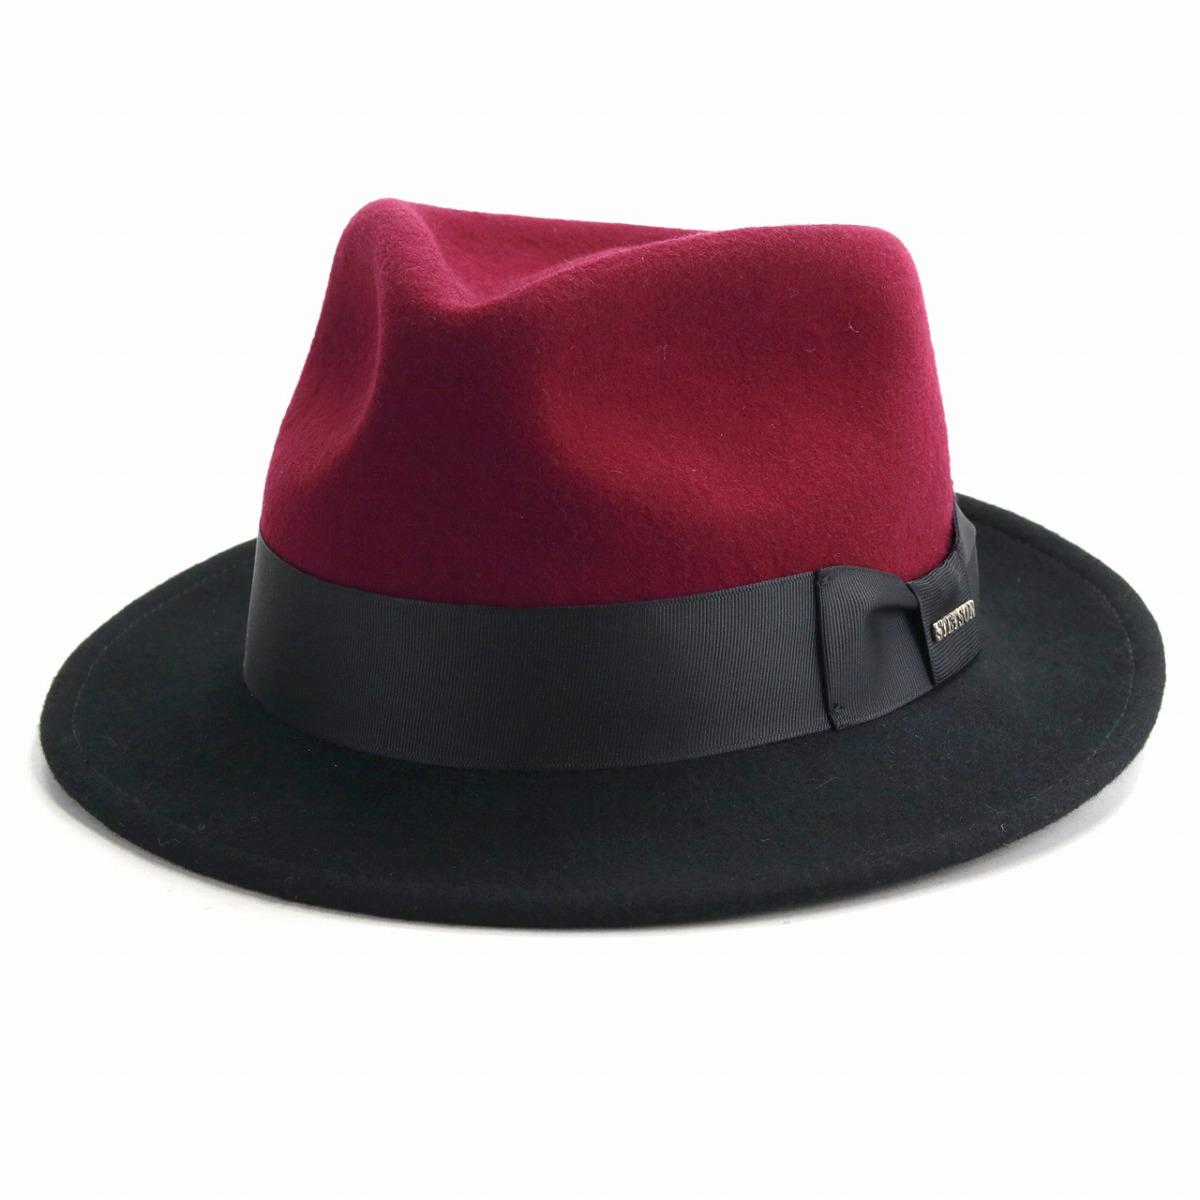 2 hat men tone color STETSON felt hat men wool Stetson soft felt hat hat hat  ... a5db5442bf1